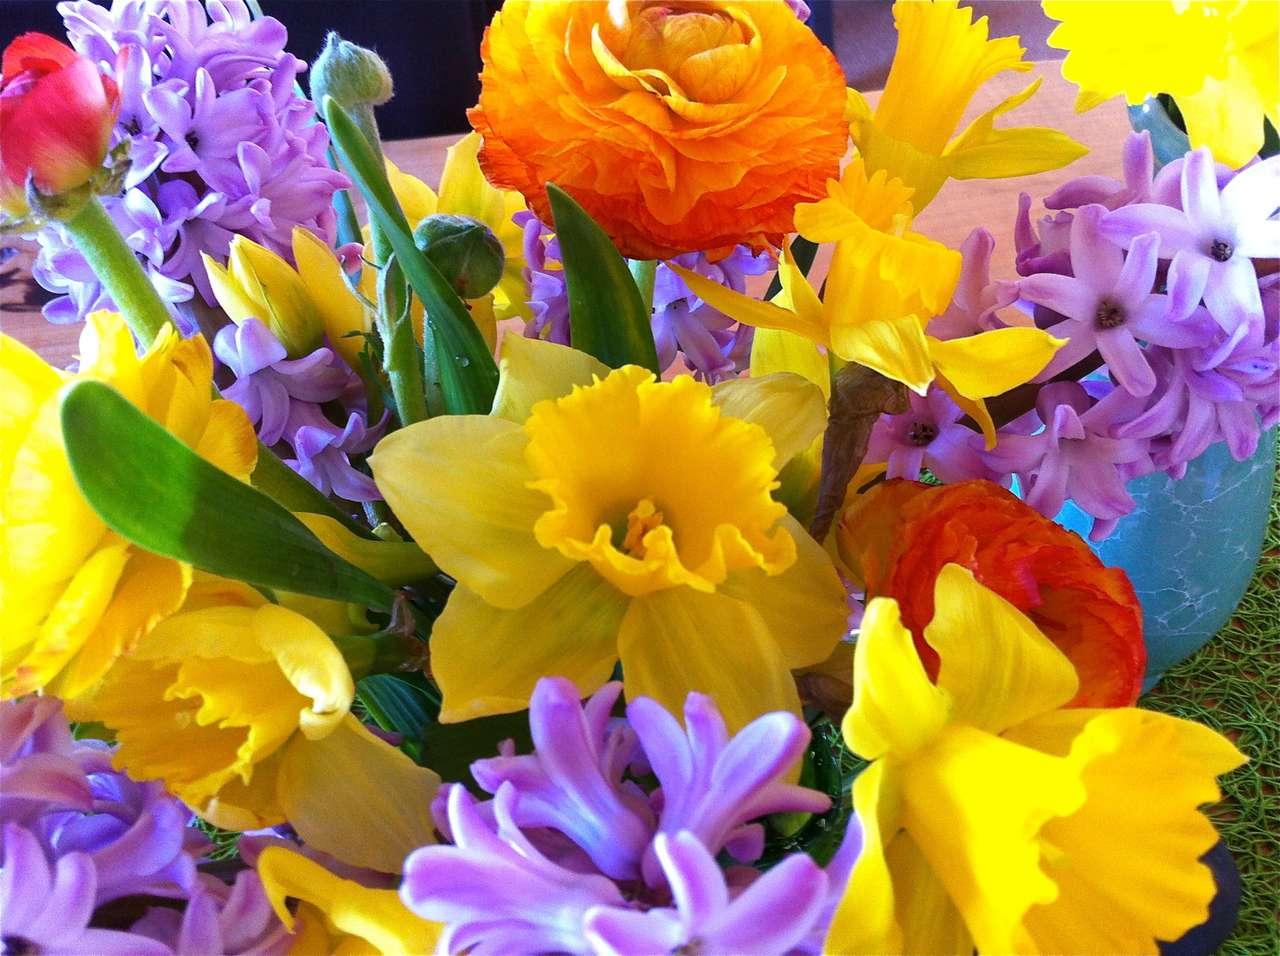 buchet de primăvară - buchet de flori de primăvară (13×10)